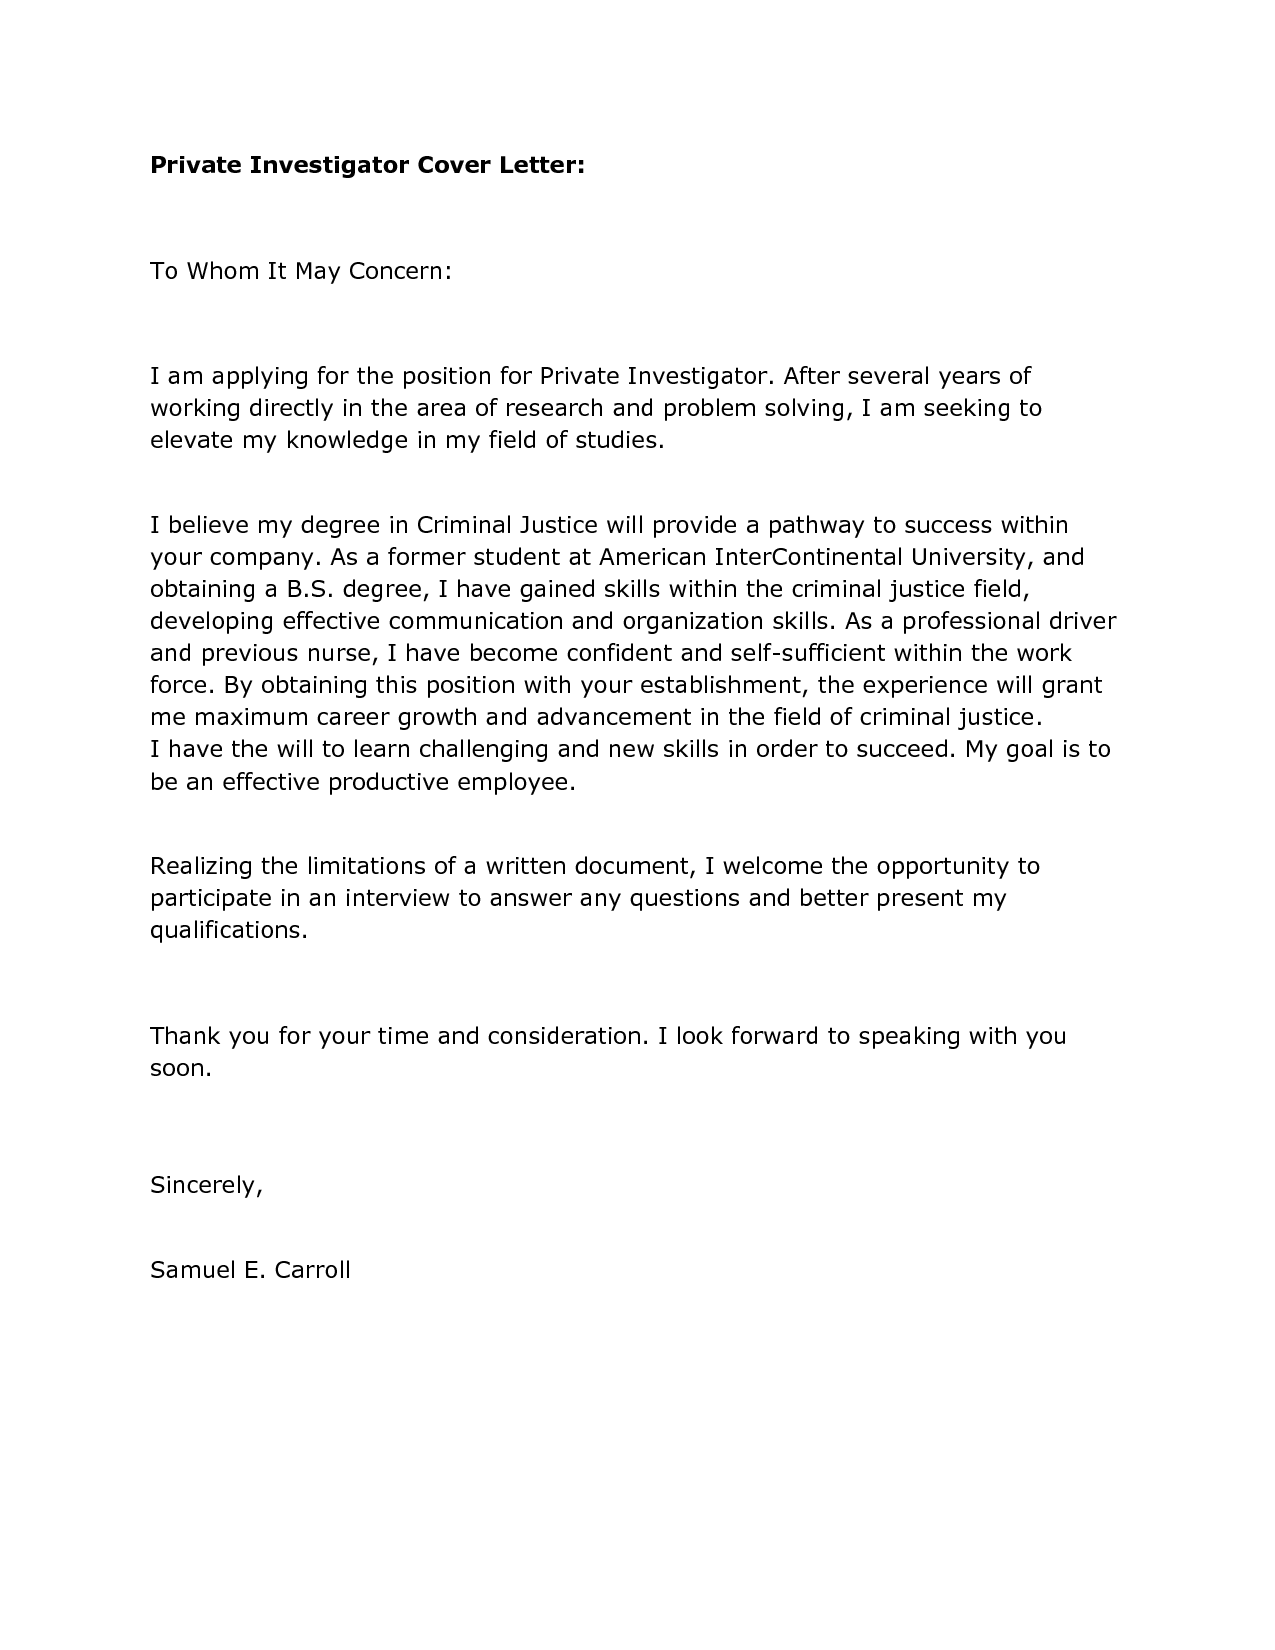 Cover Letter For Marketing Internship